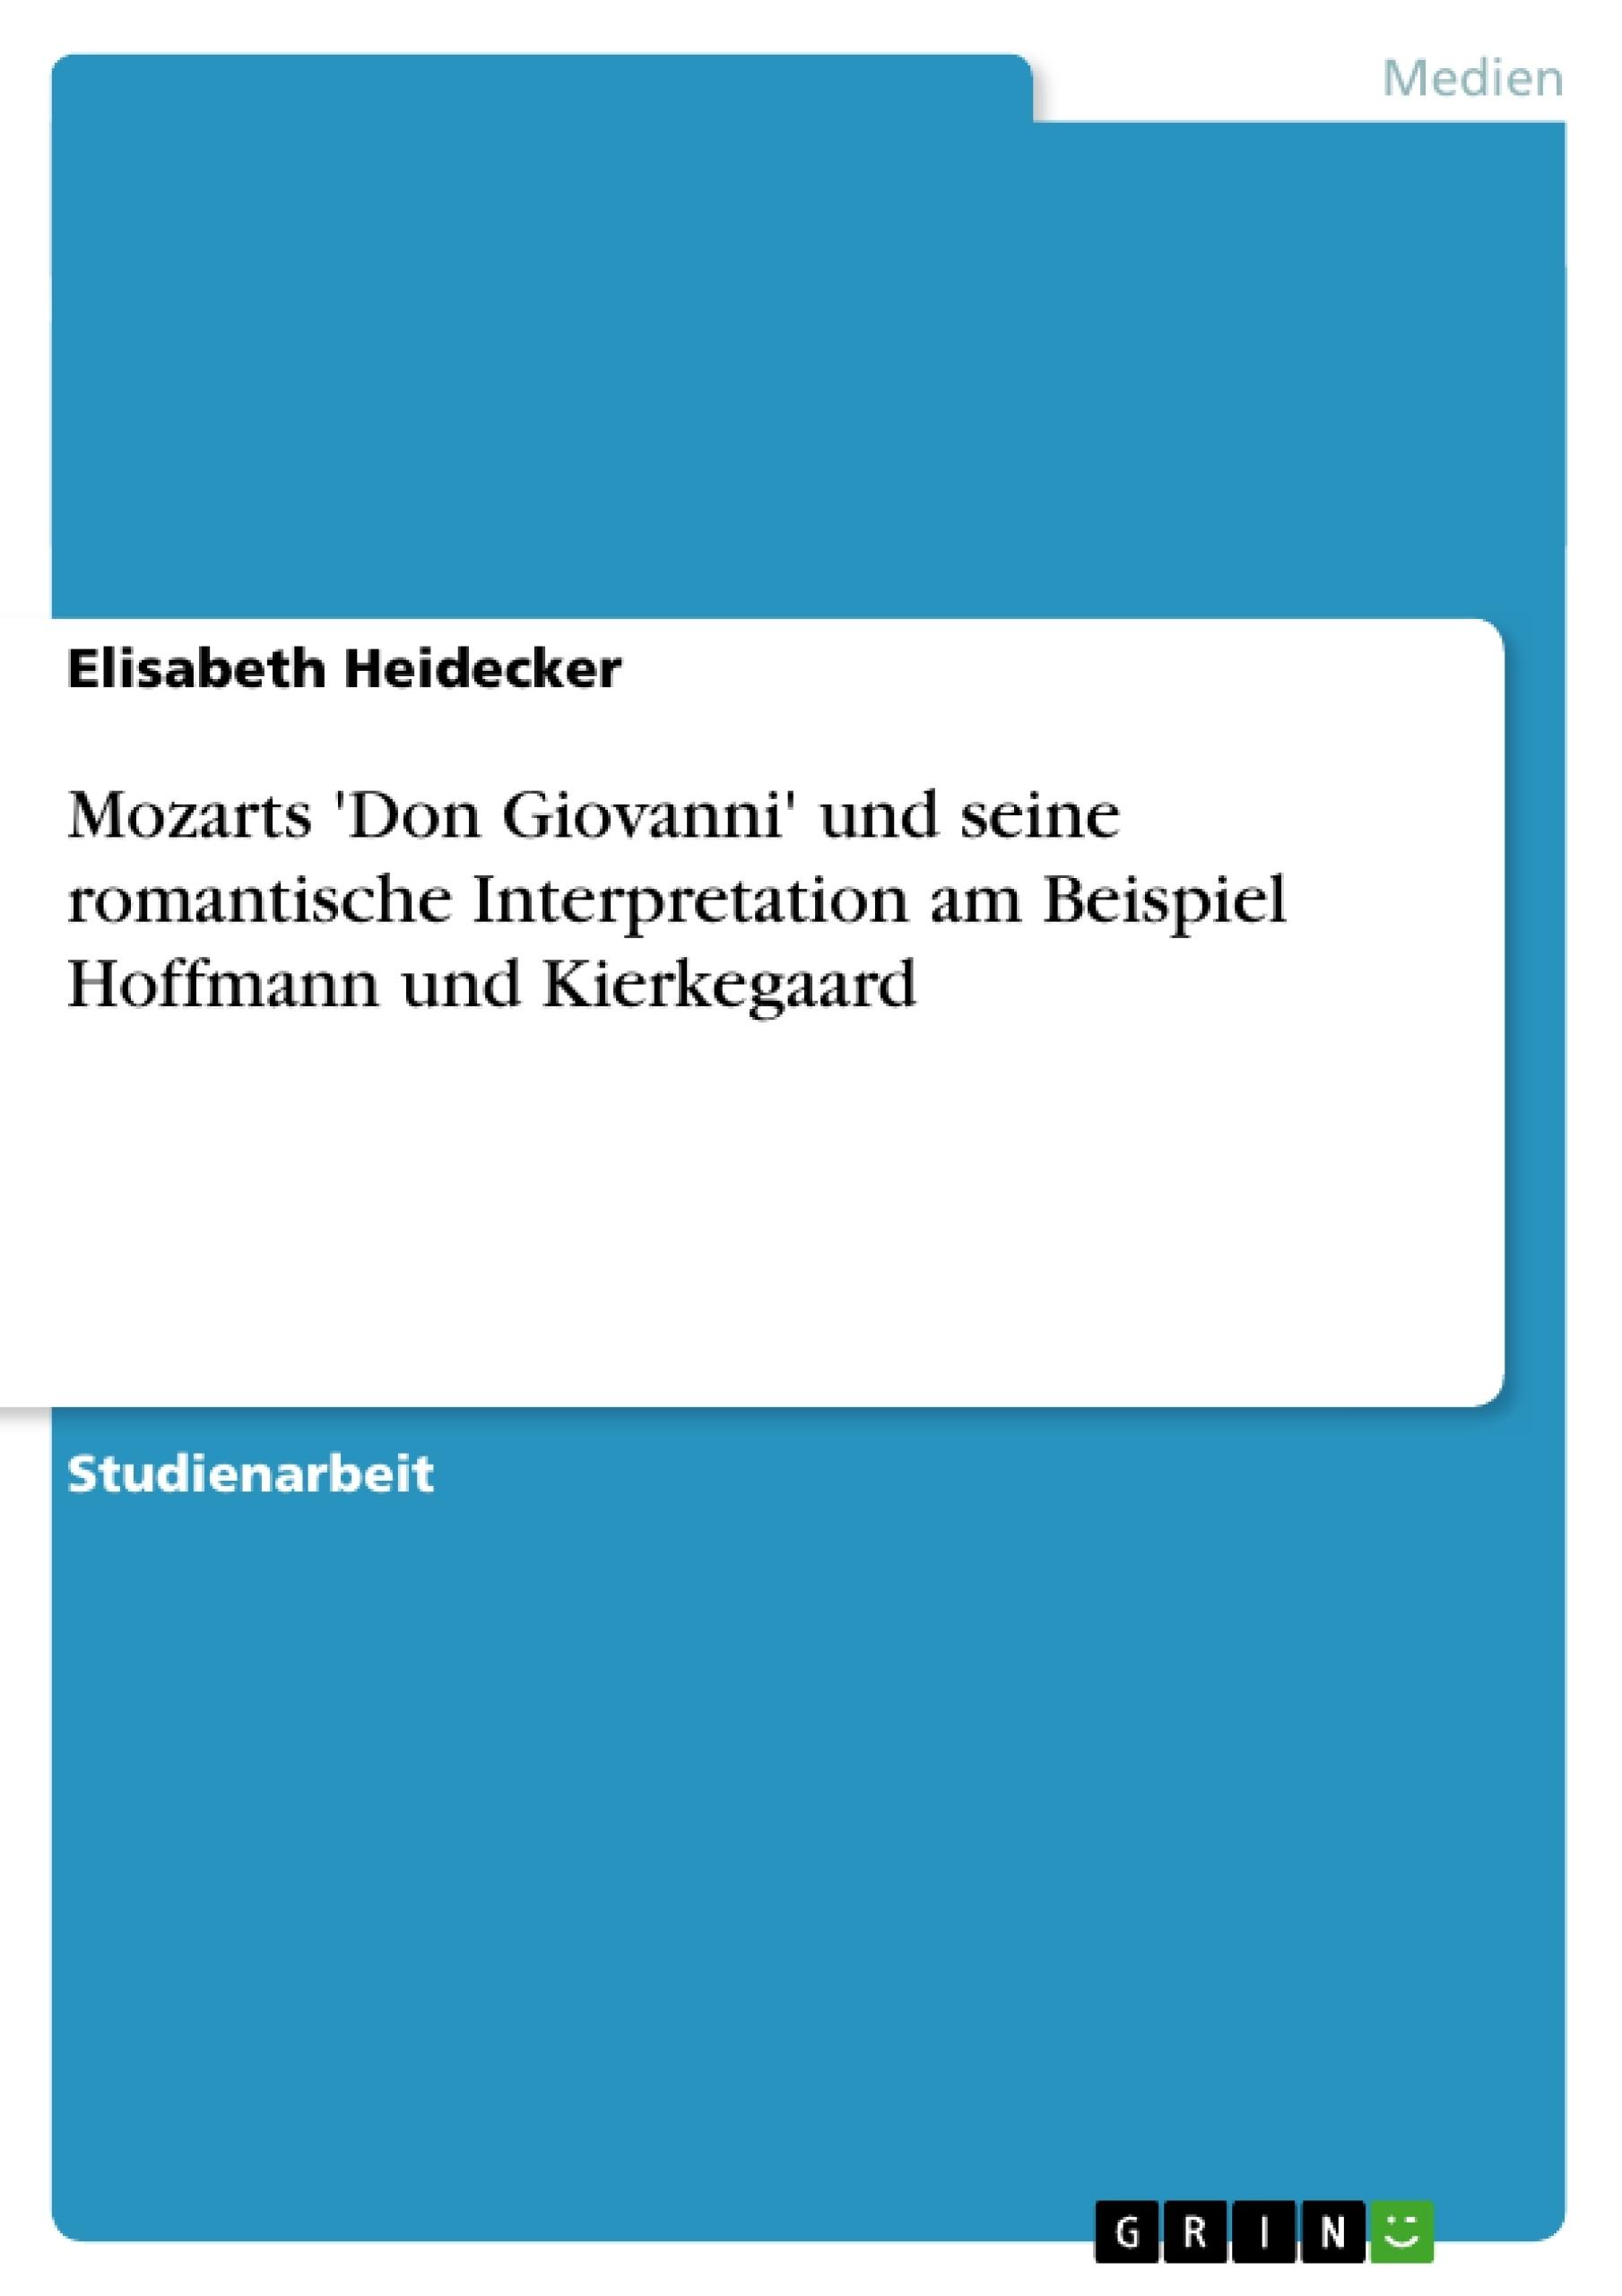 Titel: Mozarts 'Don Giovanni' und seine romantische Interpretation am Beispiel Hoffmann und Kierkegaard